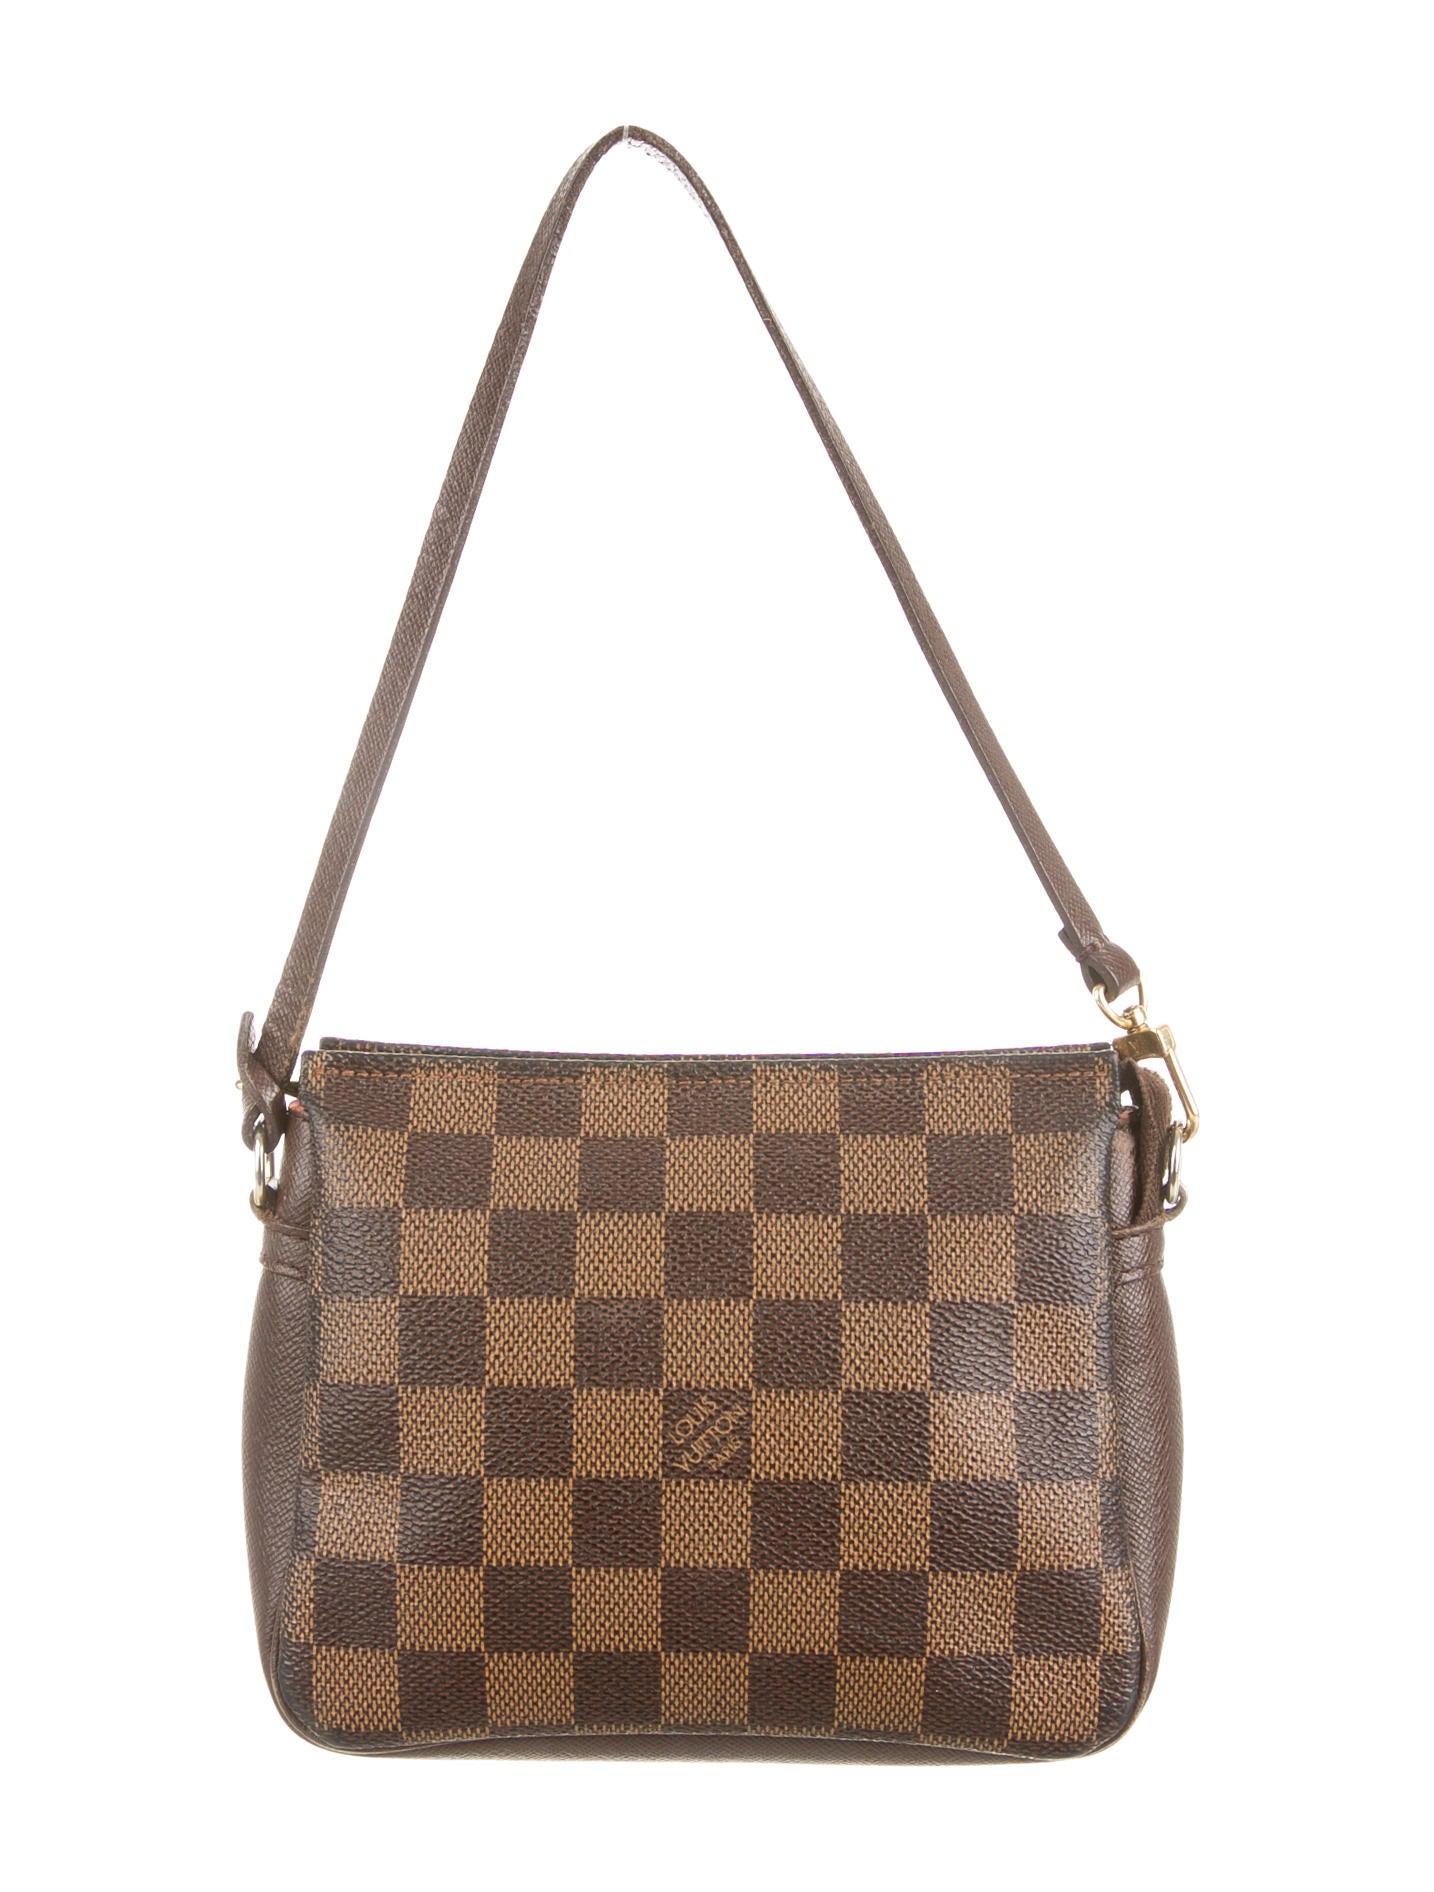 louis vuitton trousse pochette handbags lou57928 the. Black Bedroom Furniture Sets. Home Design Ideas